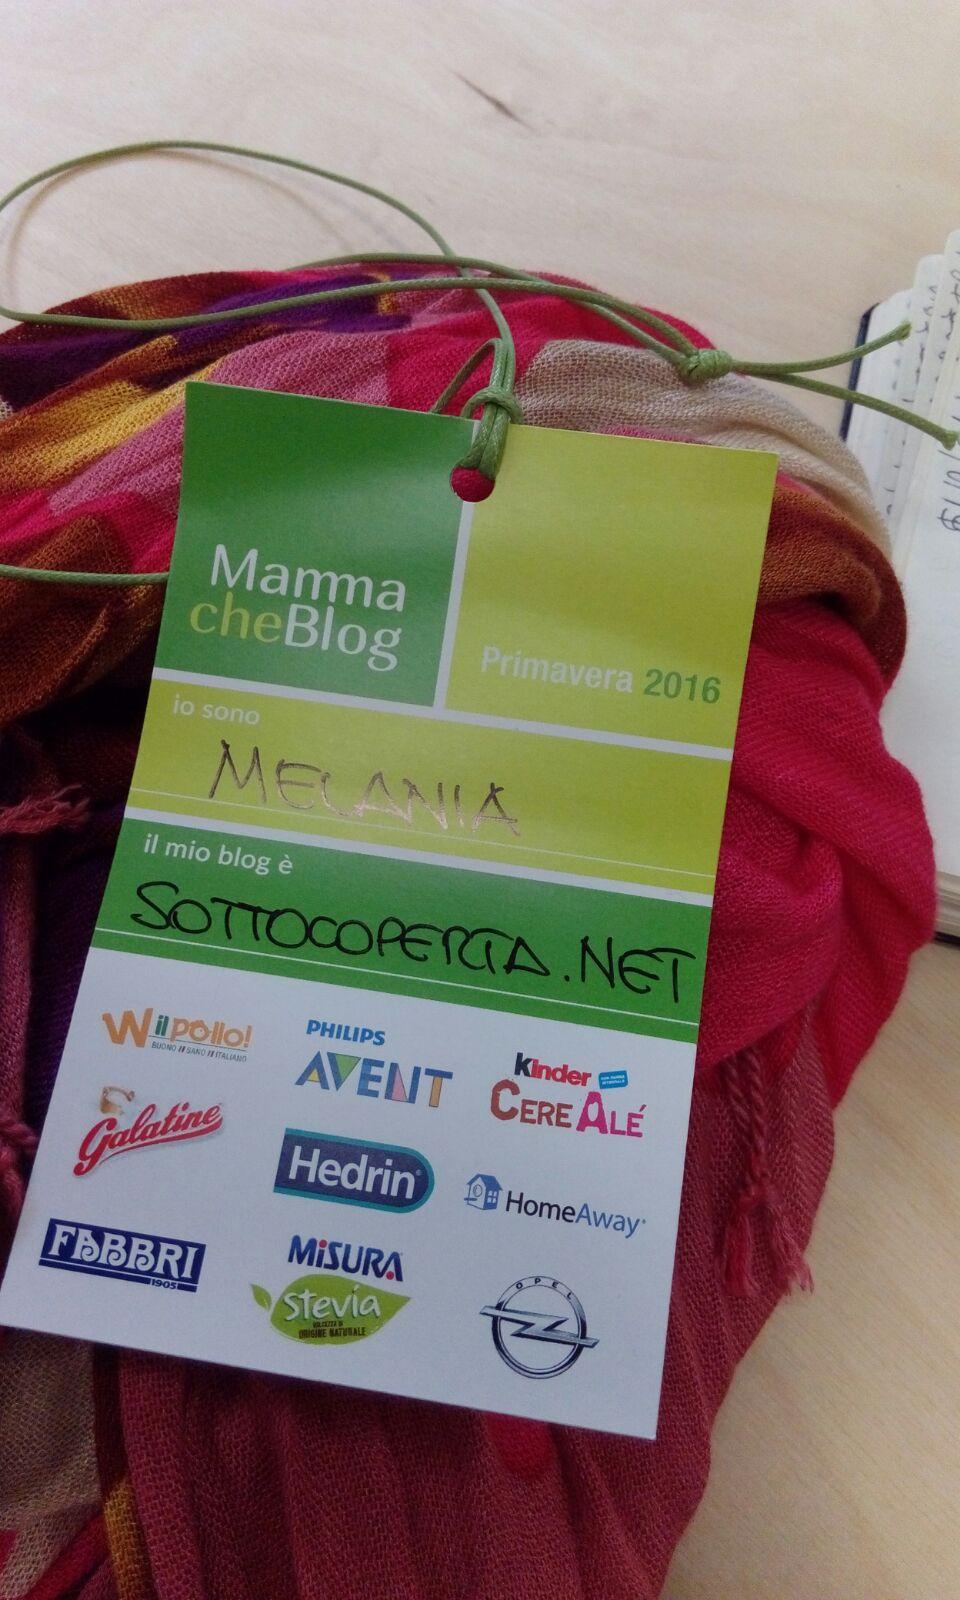 Mamma che Blog!